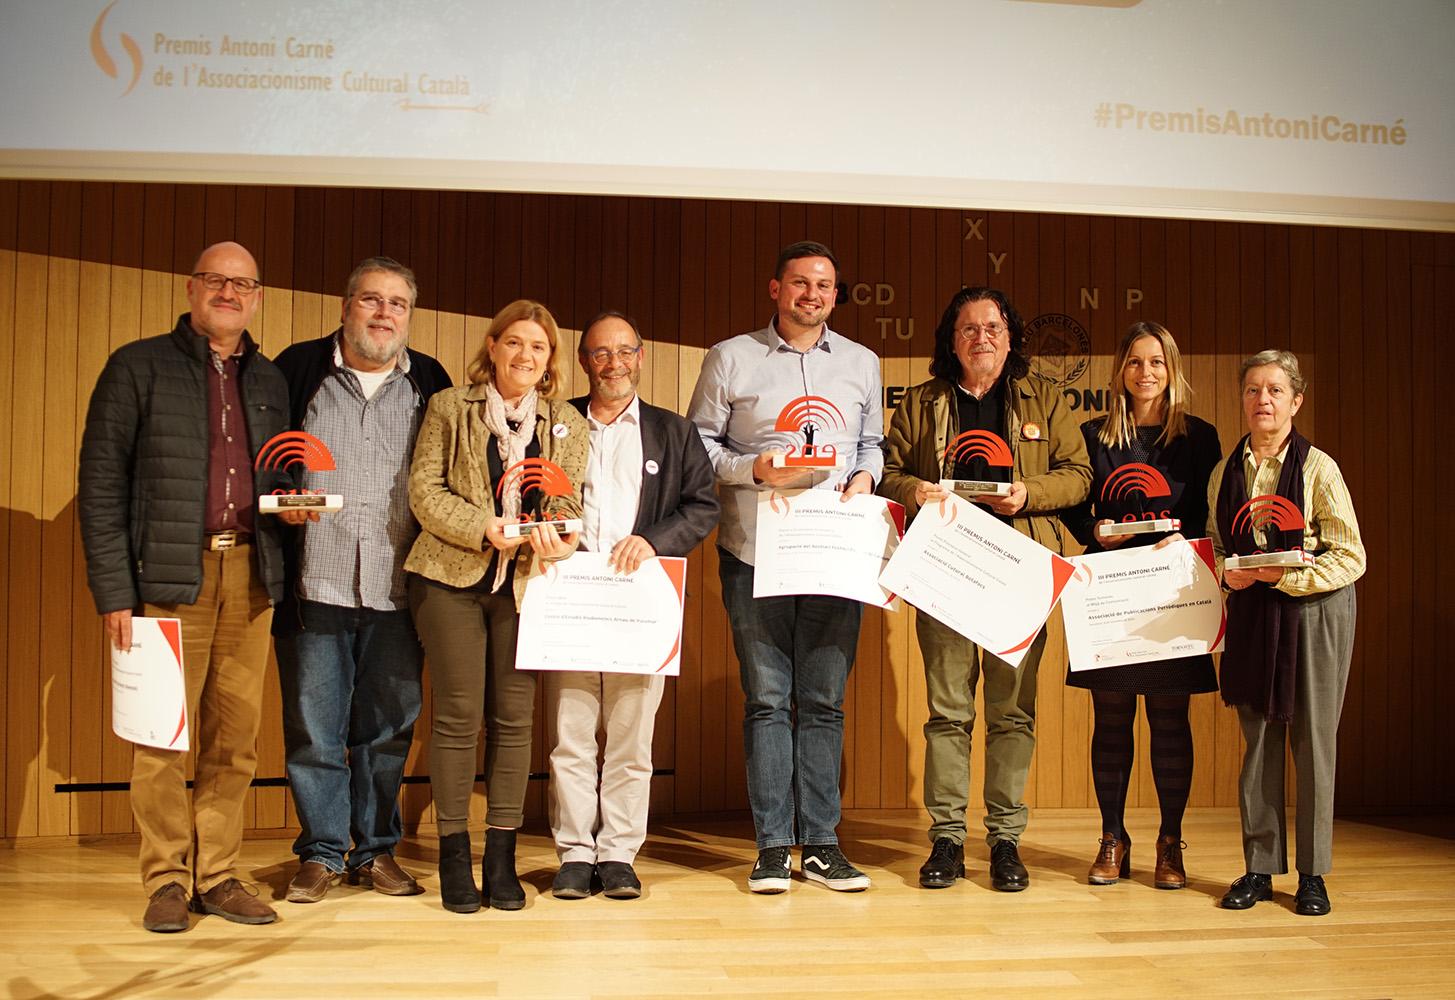 Guanyadors de la III edició dels Premis Antoni Carné. Foto: Àngels Mercadé.